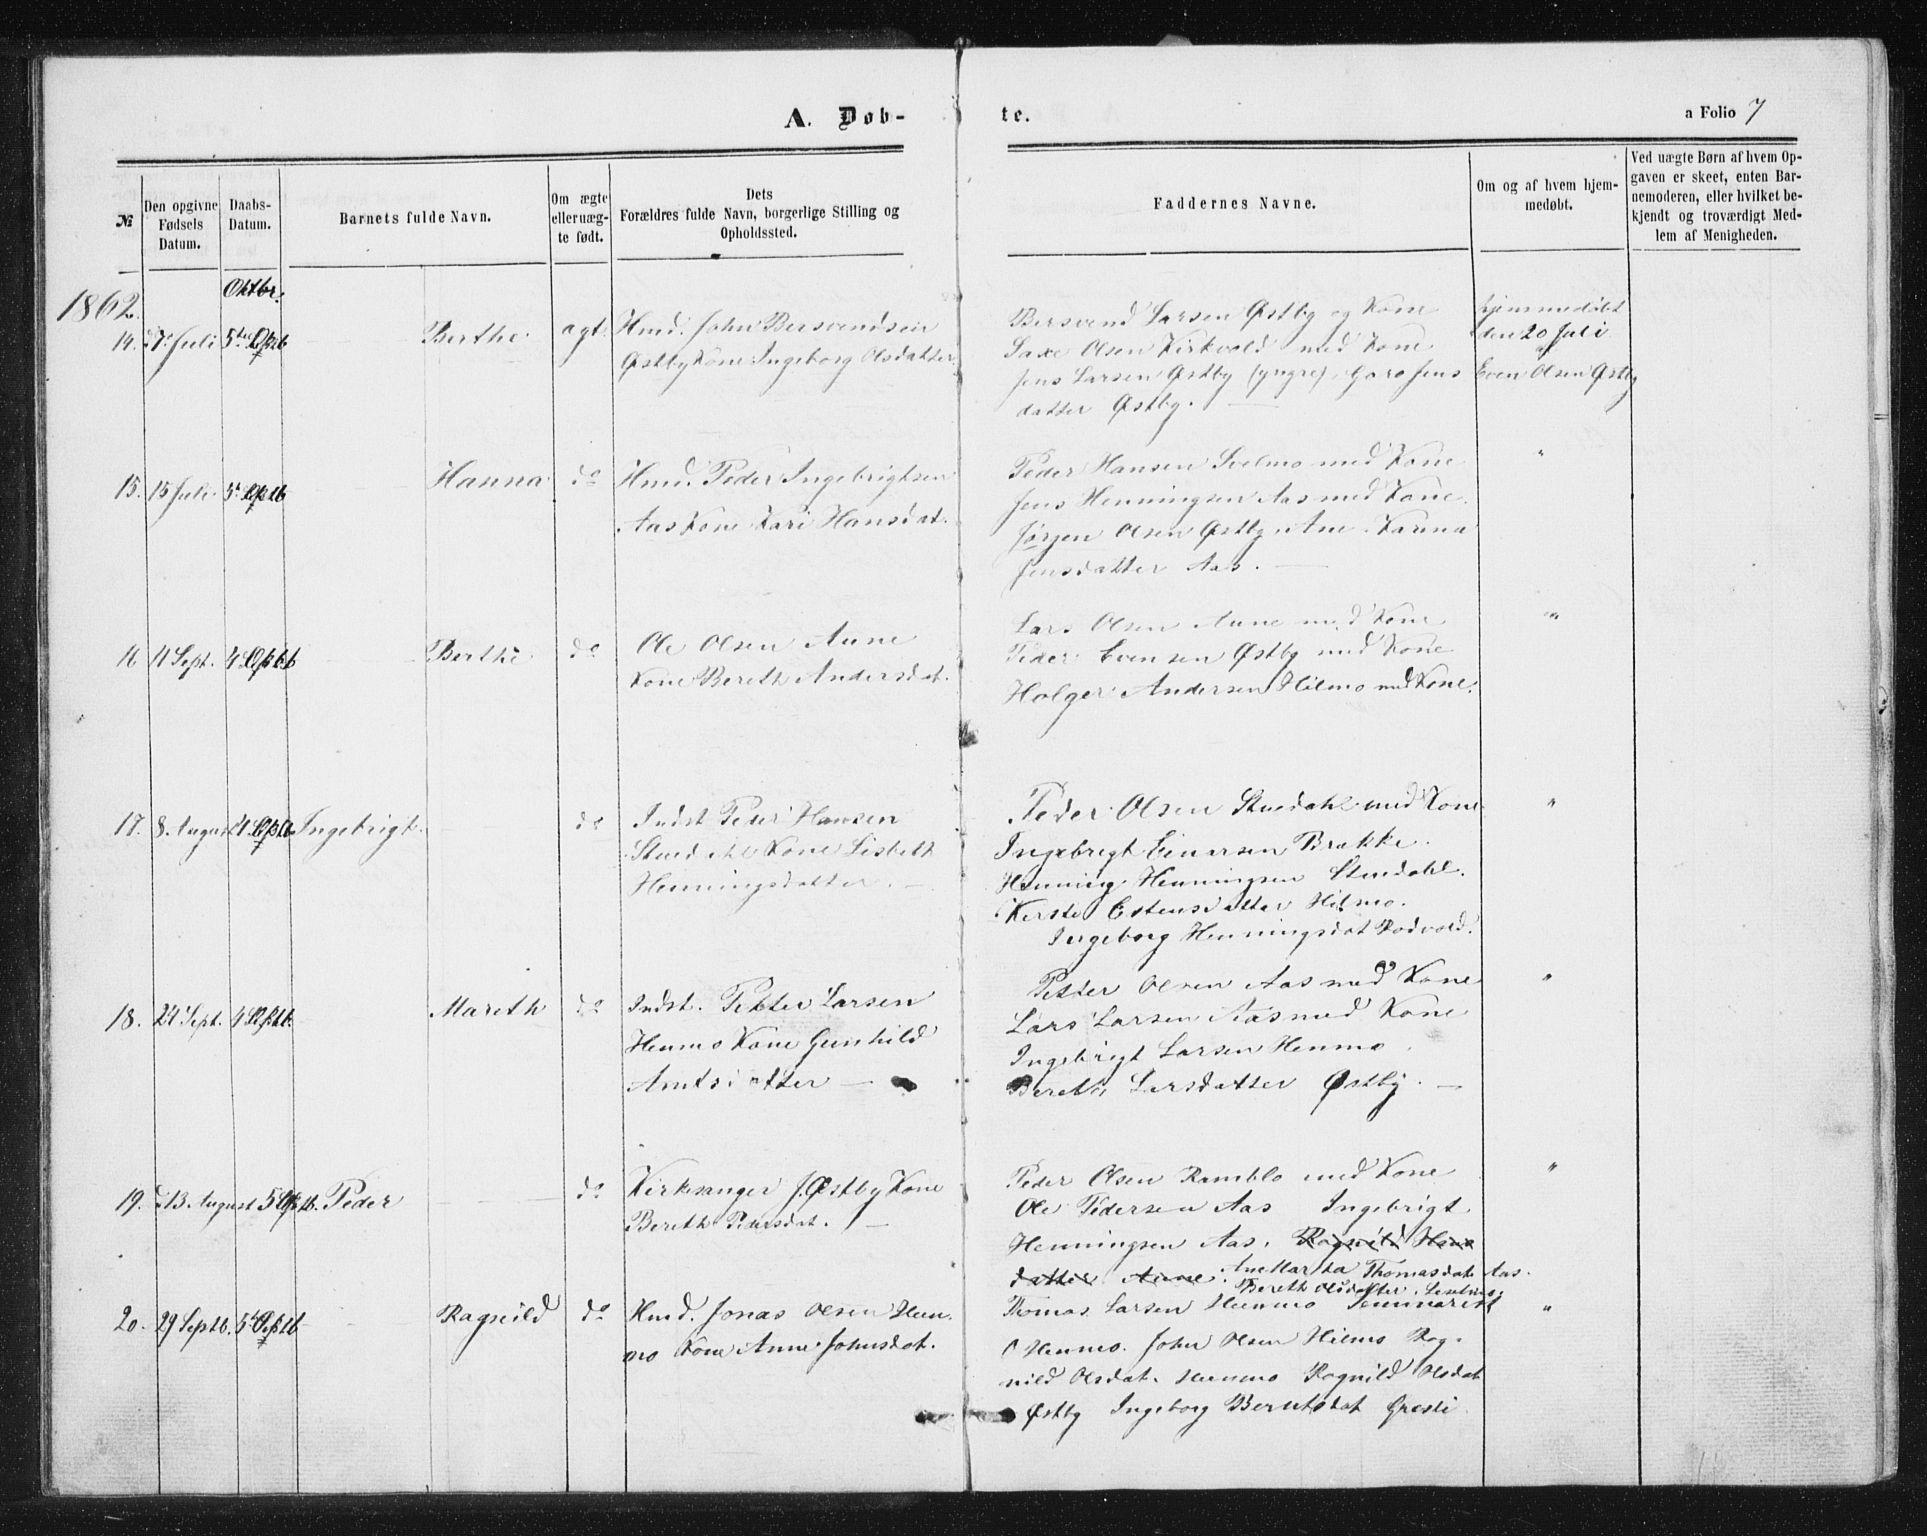 SAT, Ministerialprotokoller, klokkerbøker og fødselsregistre - Sør-Trøndelag, 698/L1166: Klokkerbok nr. 698C03, 1861-1887, s. 7